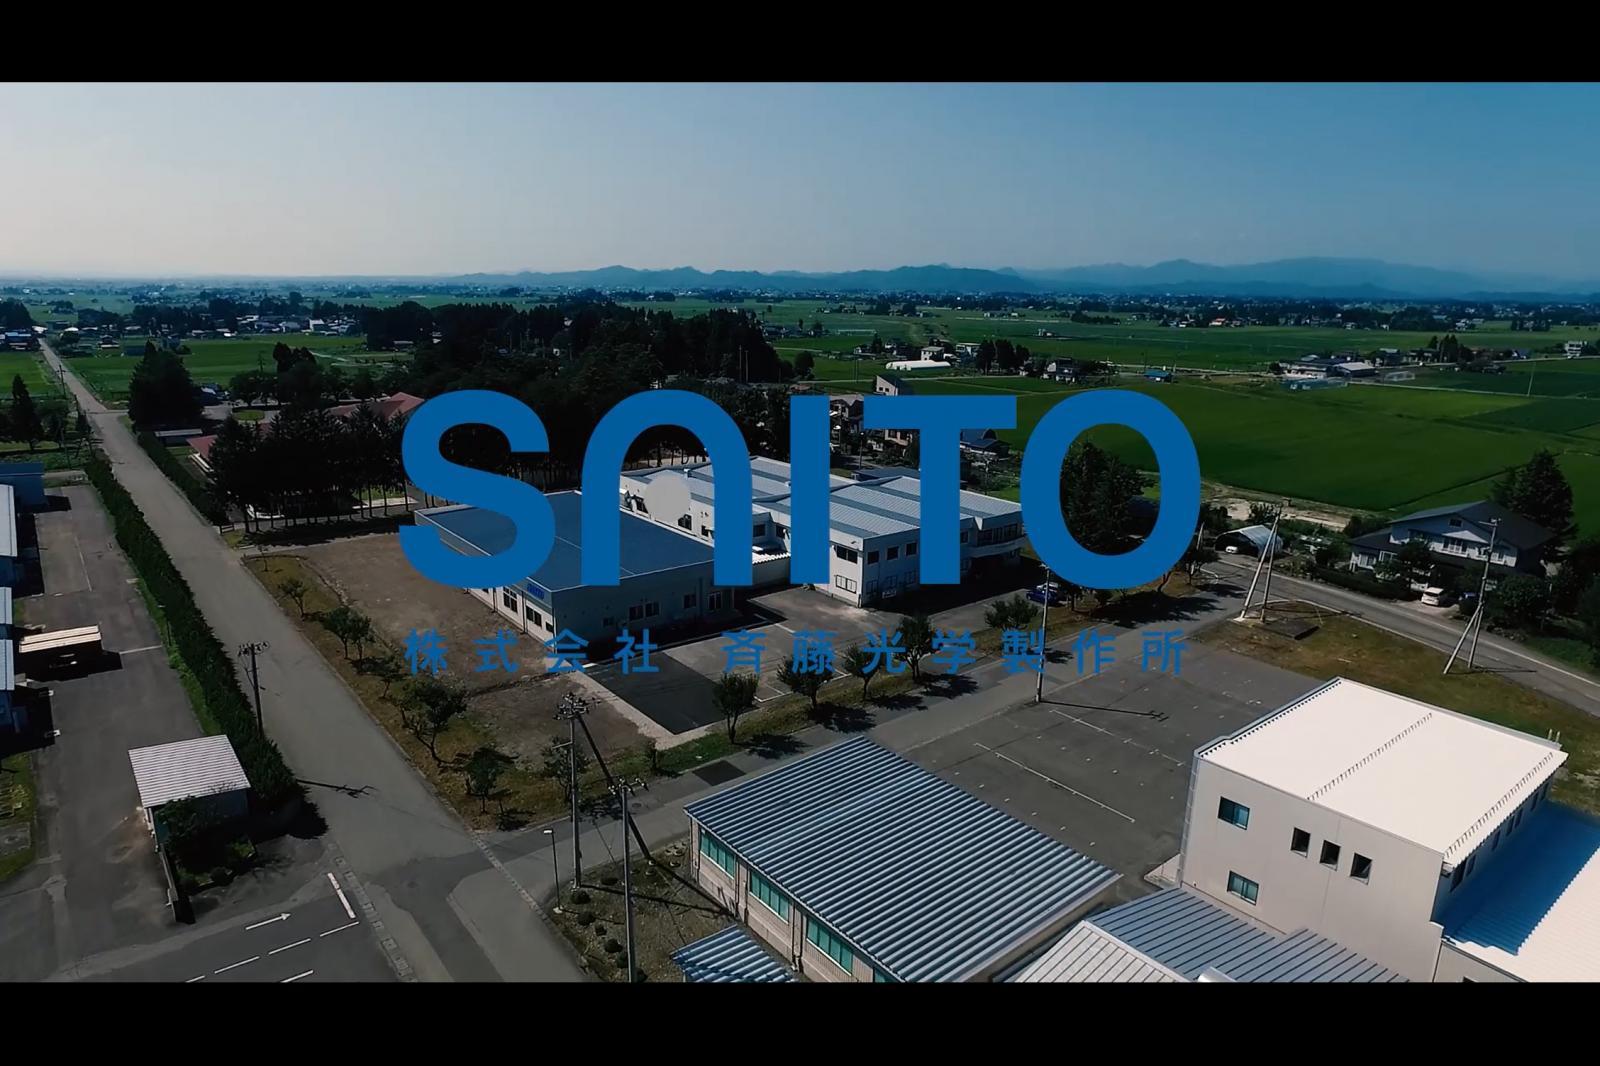 動画サムネイル:株式会社斉藤光学製作所プロモーションビデオ